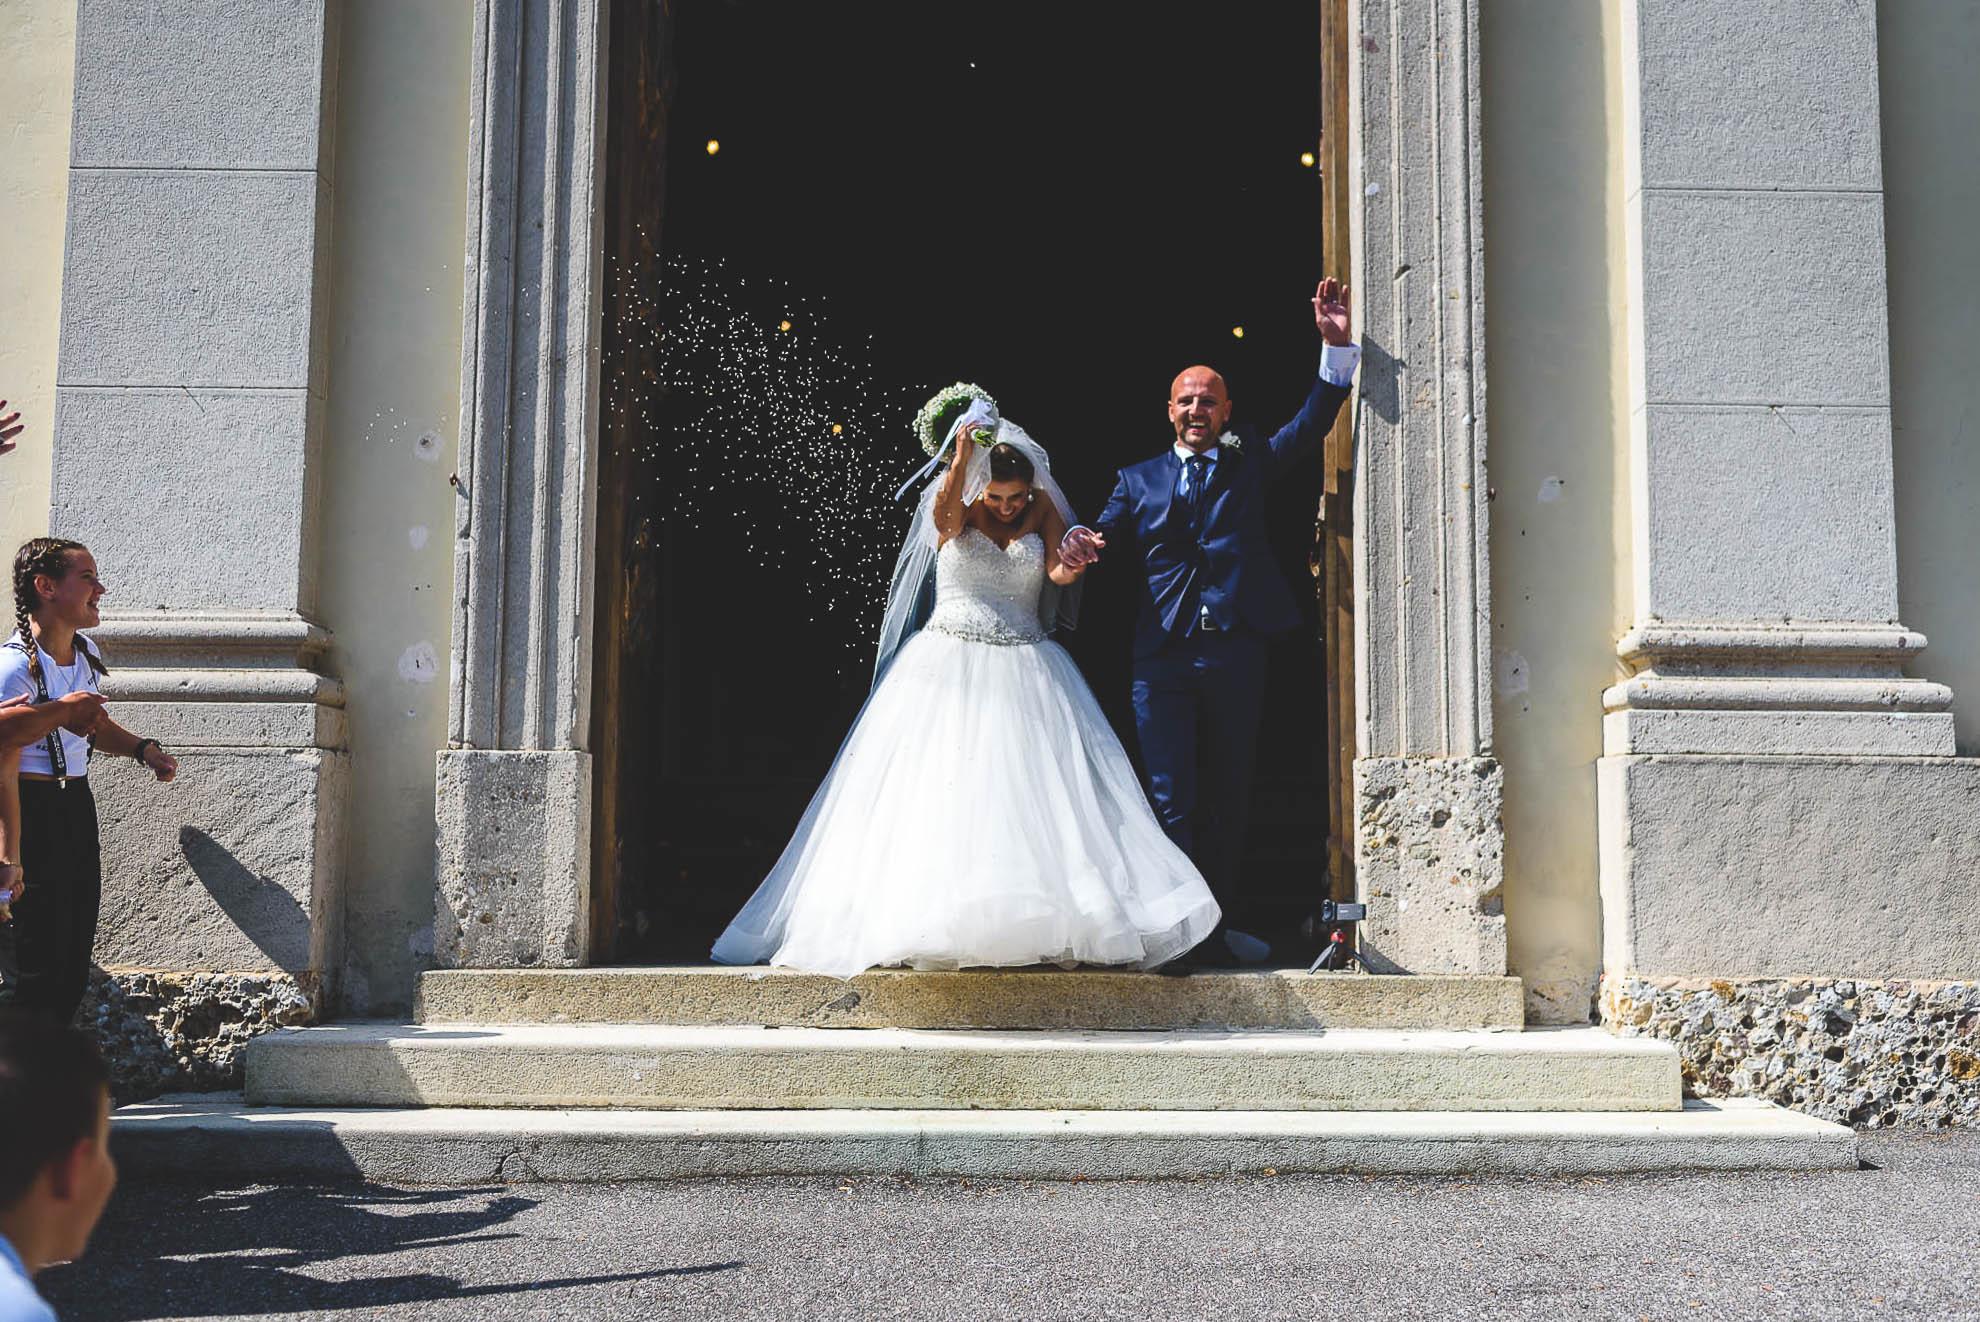 Il matrimonio al Castello di Pagazzano, Manuela e Luca